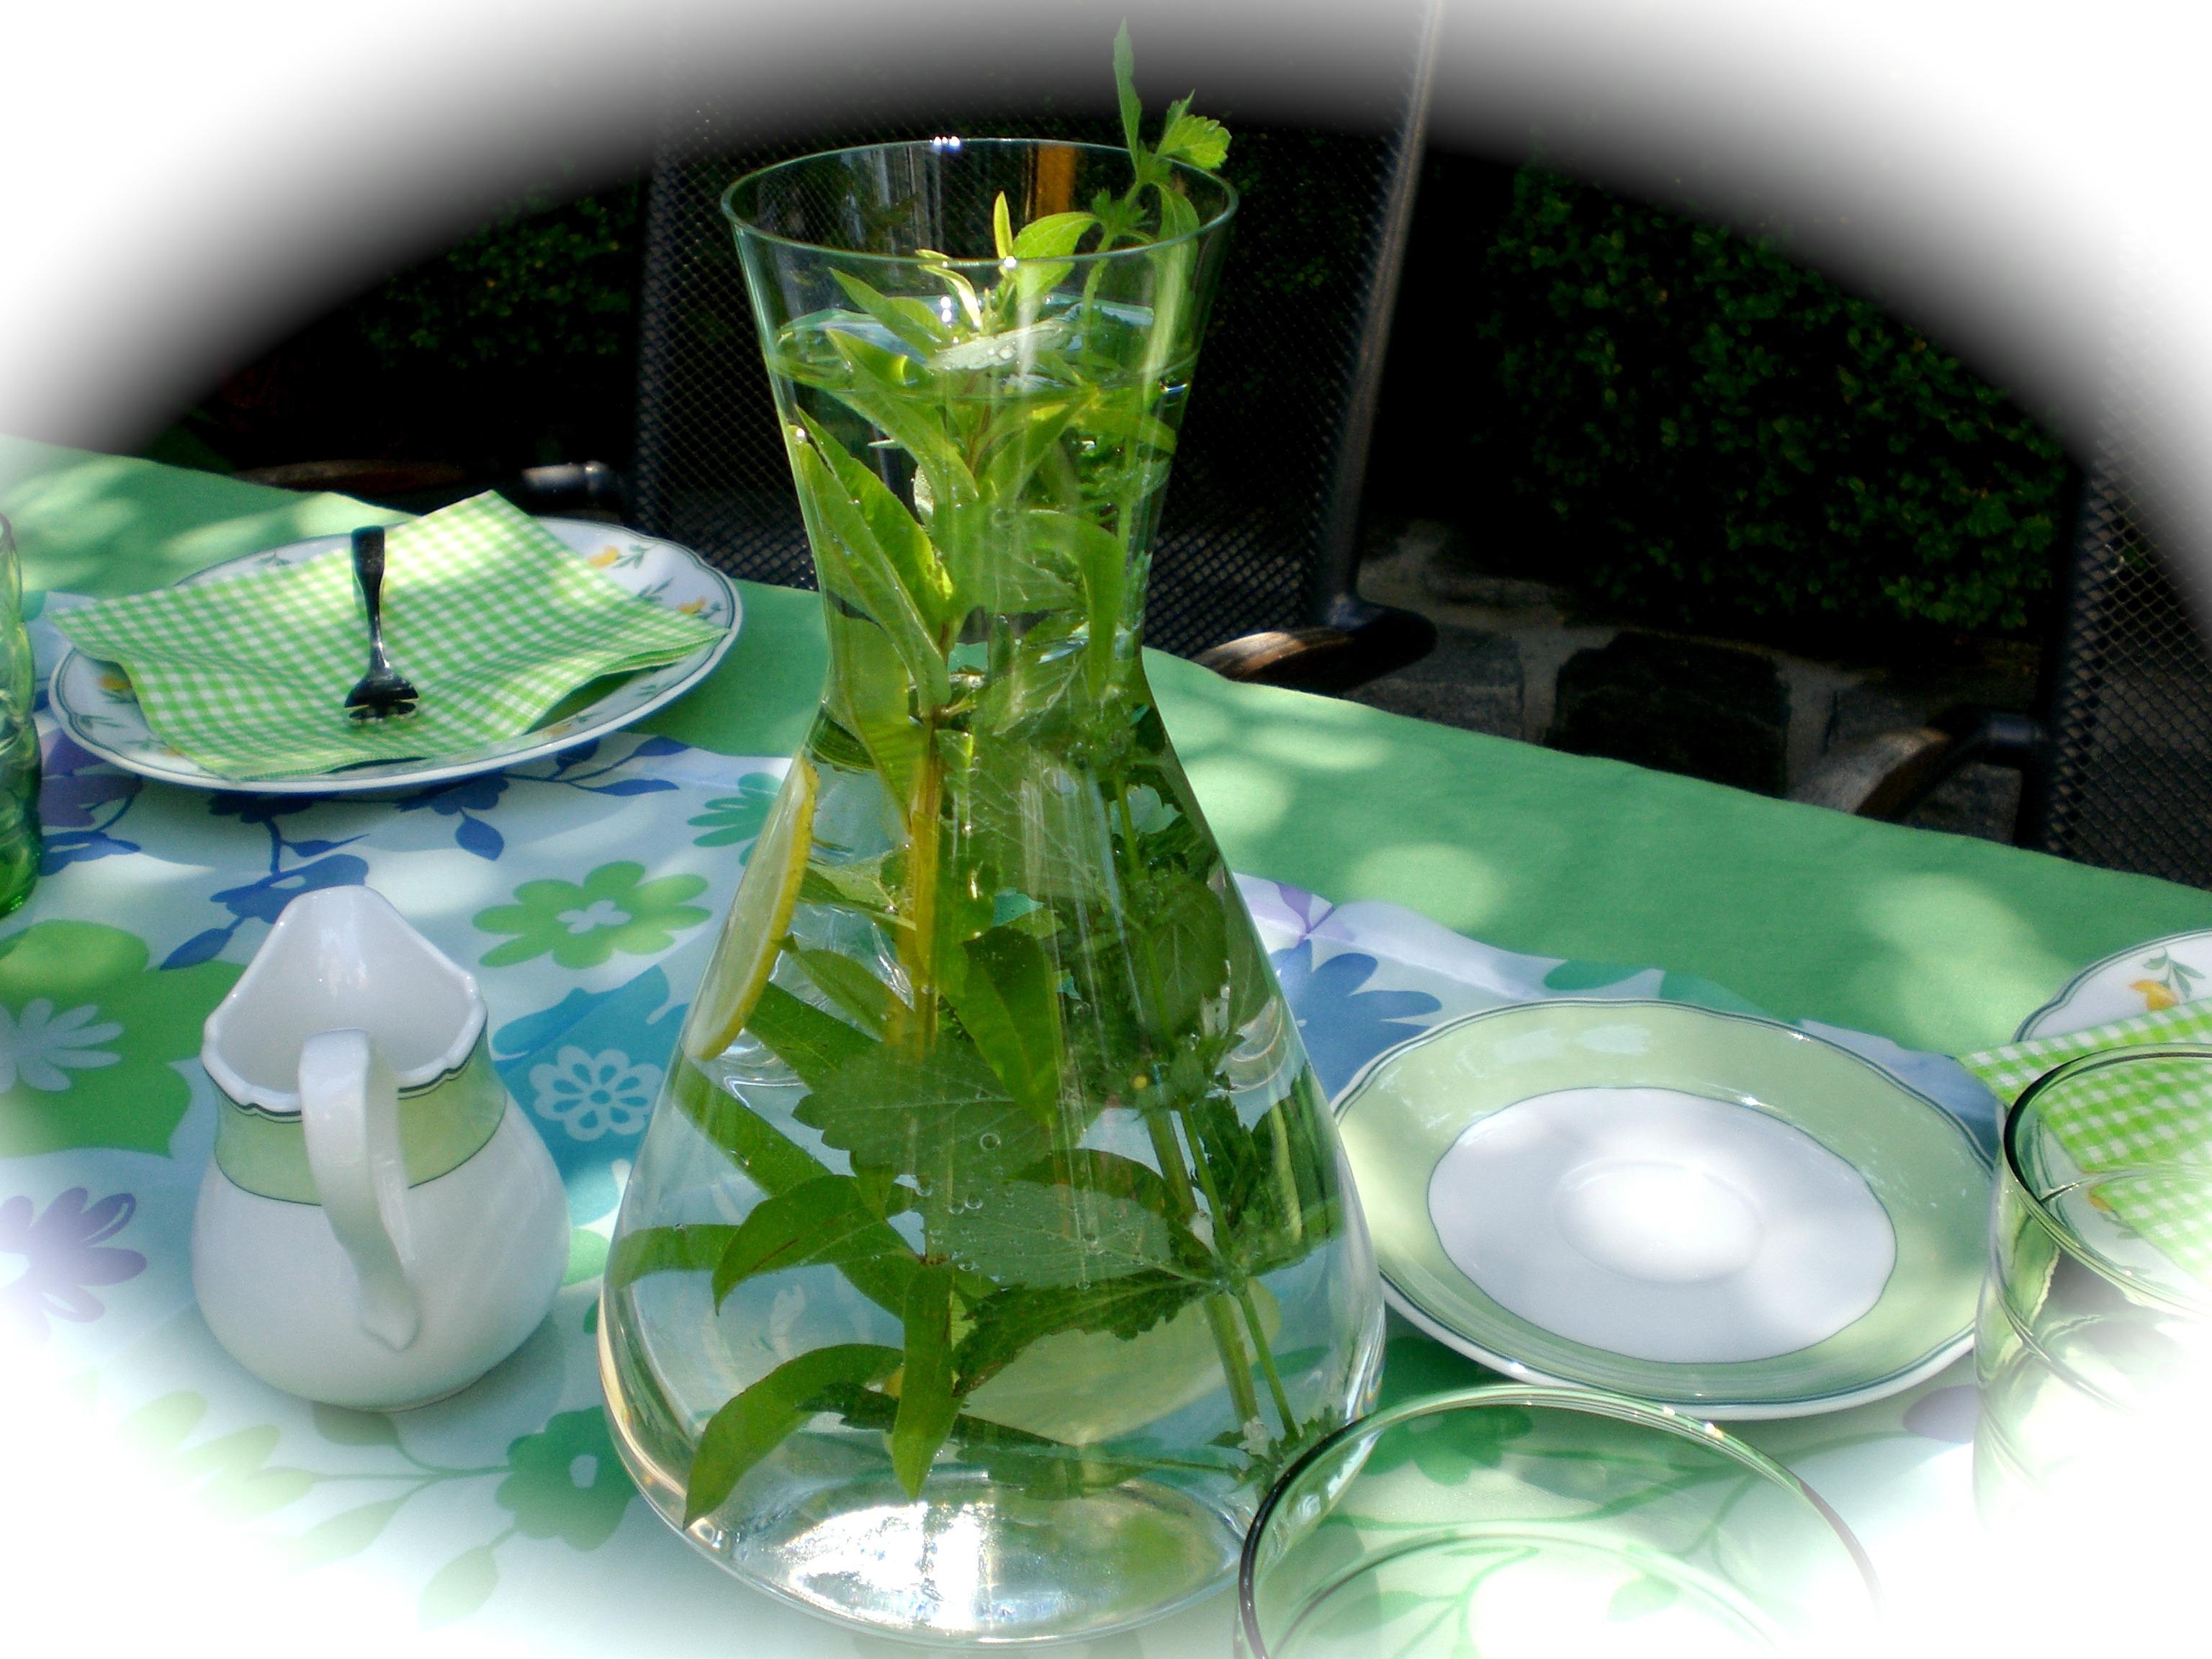 bakgrundsbilder blomma glas vas dekoration gr n dryck tr dg rd mynta glas gon rter. Black Bedroom Furniture Sets. Home Design Ideas